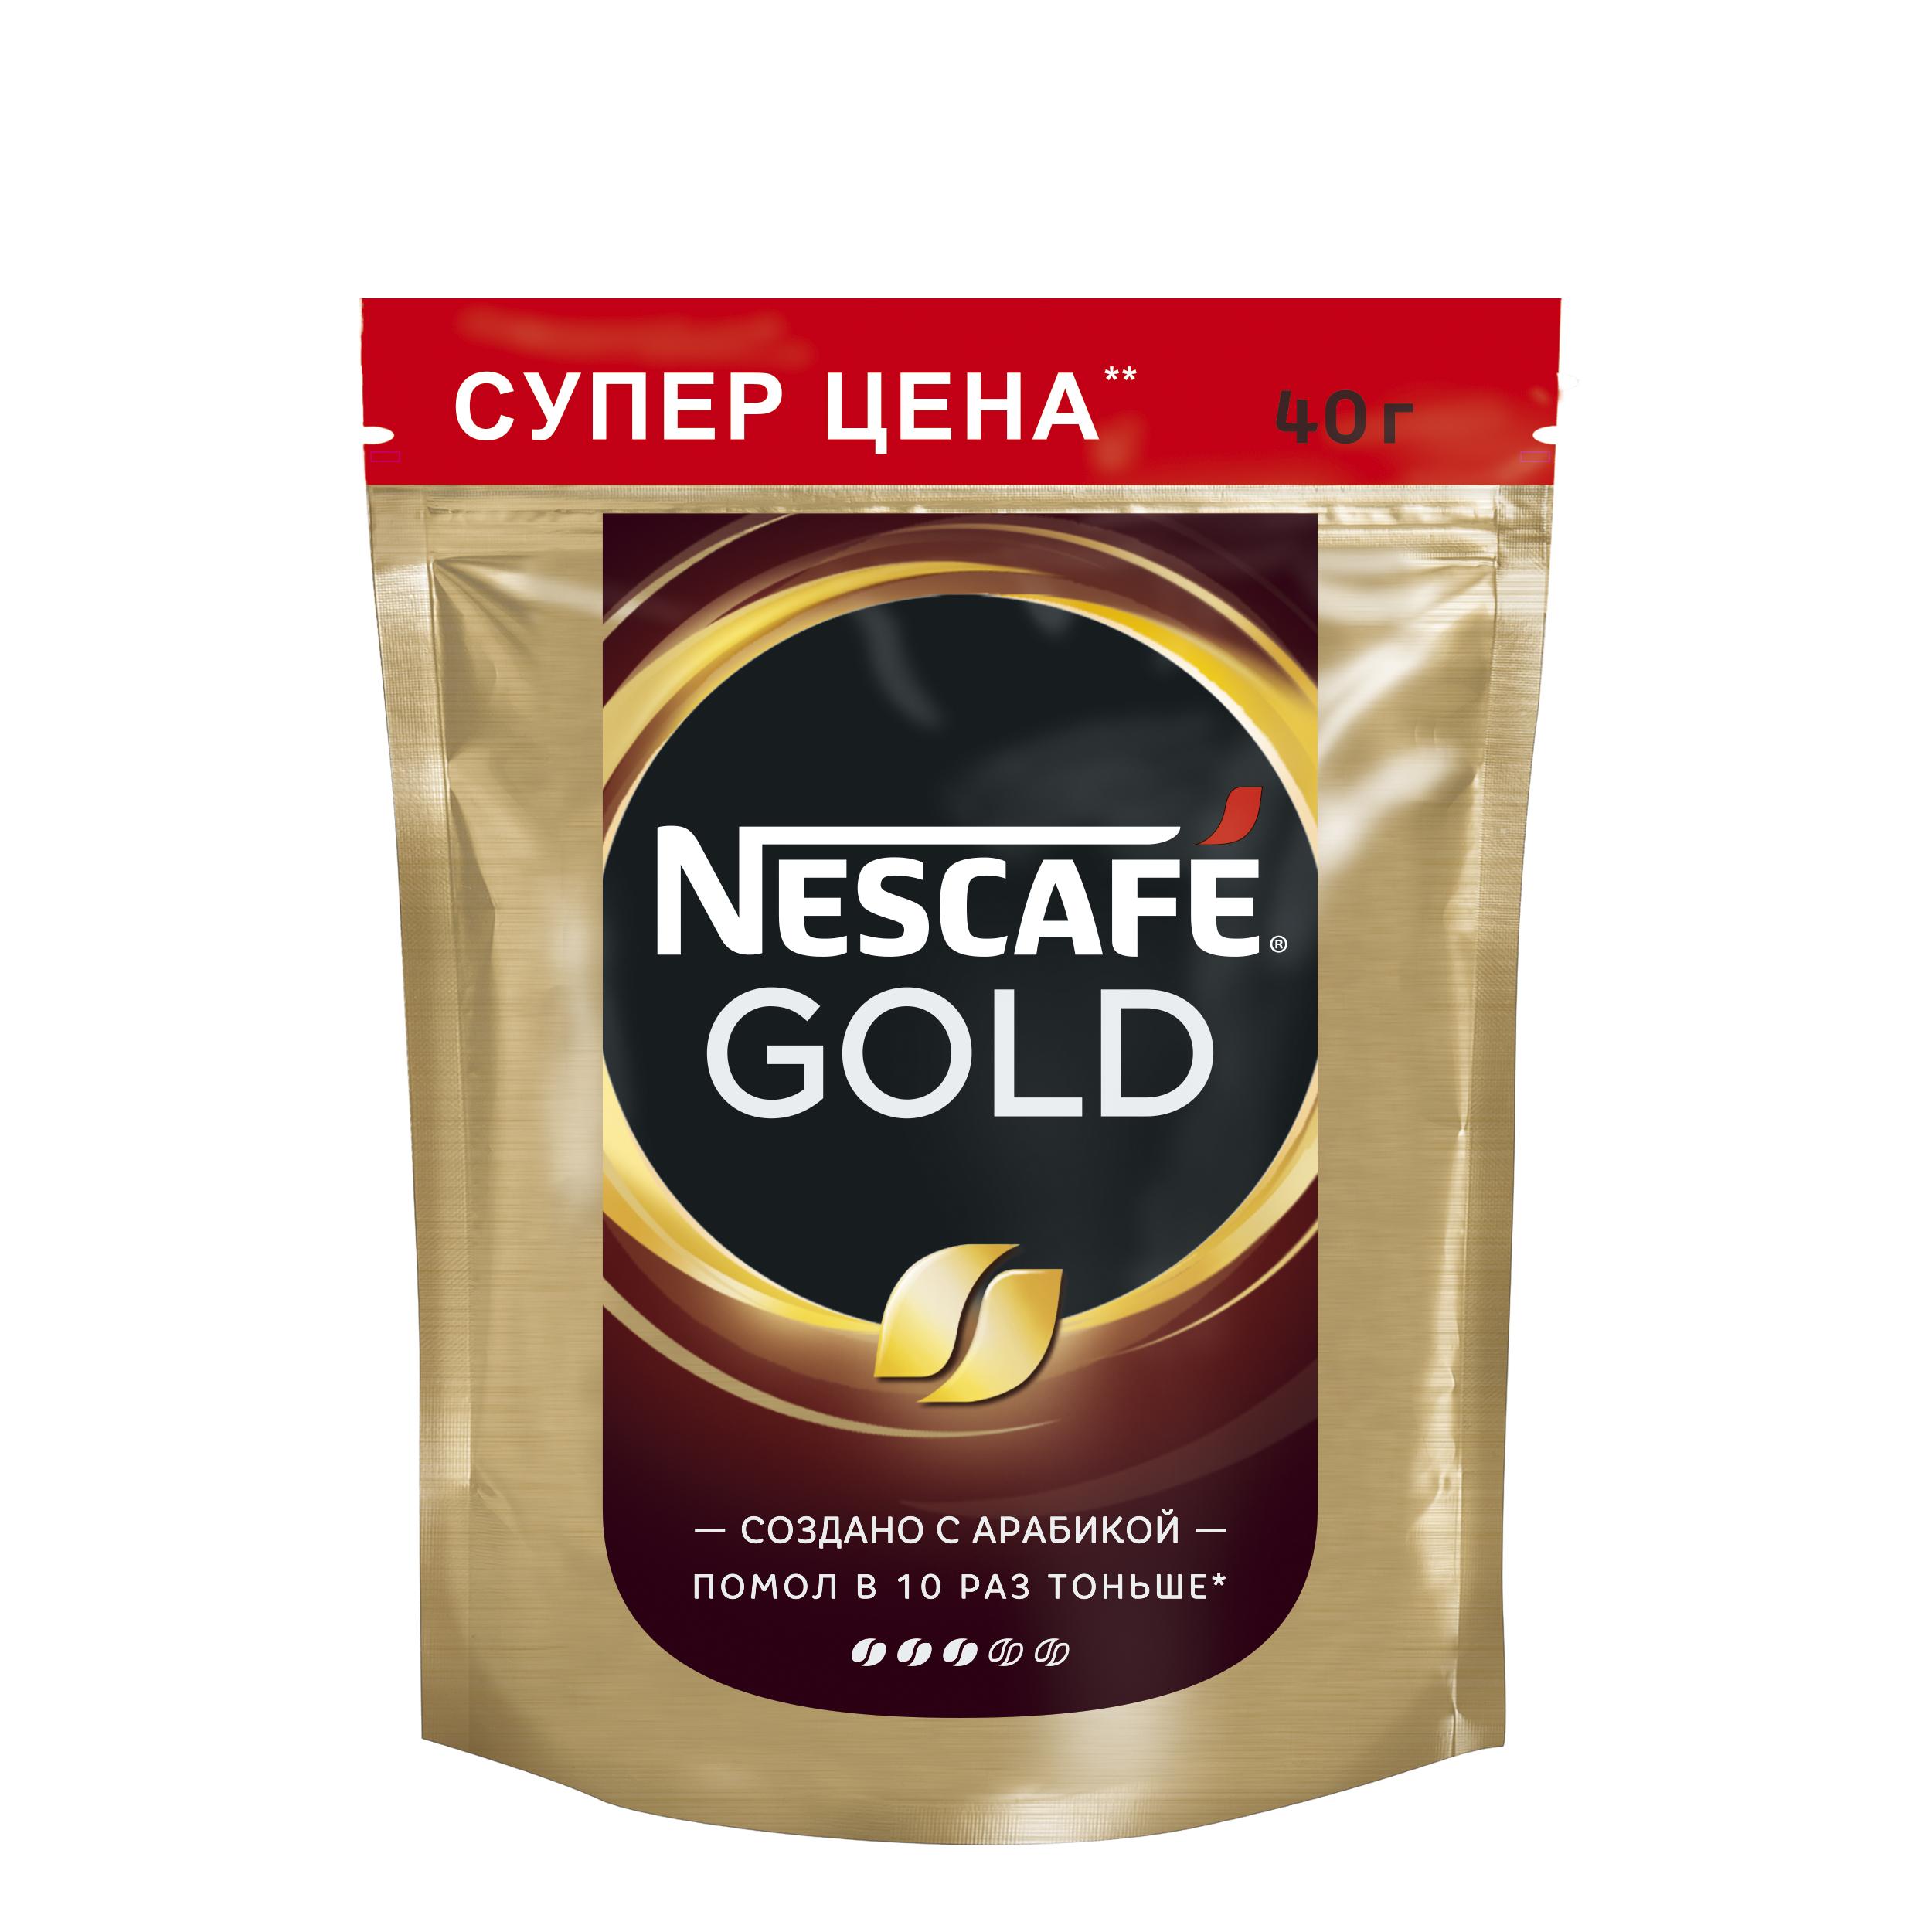 Кофе растворимый Nescafe gold пакет 40 г